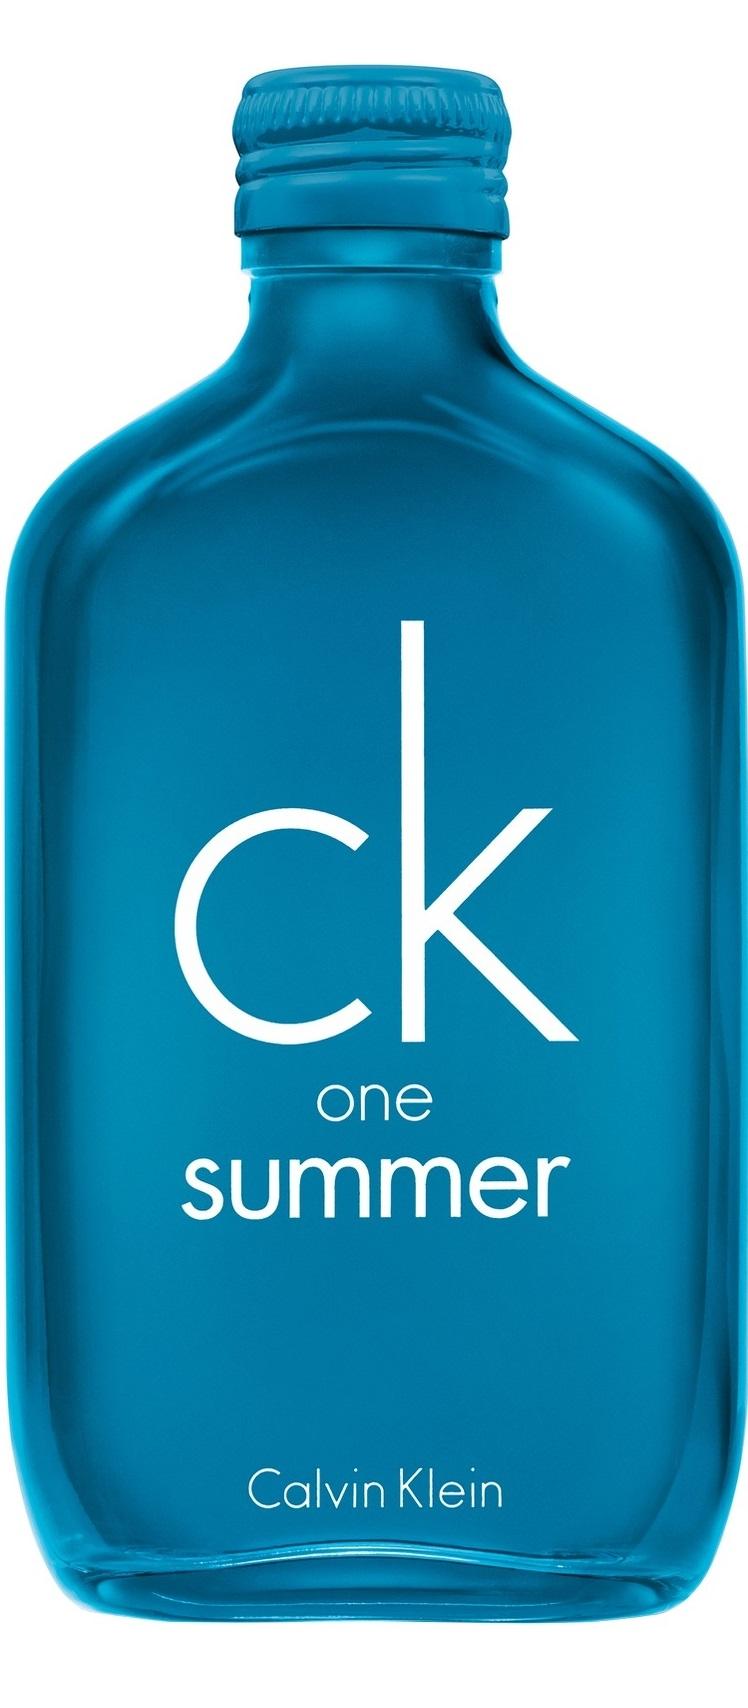 Calvin Klein One Summer 2018 (U) edt 100ml